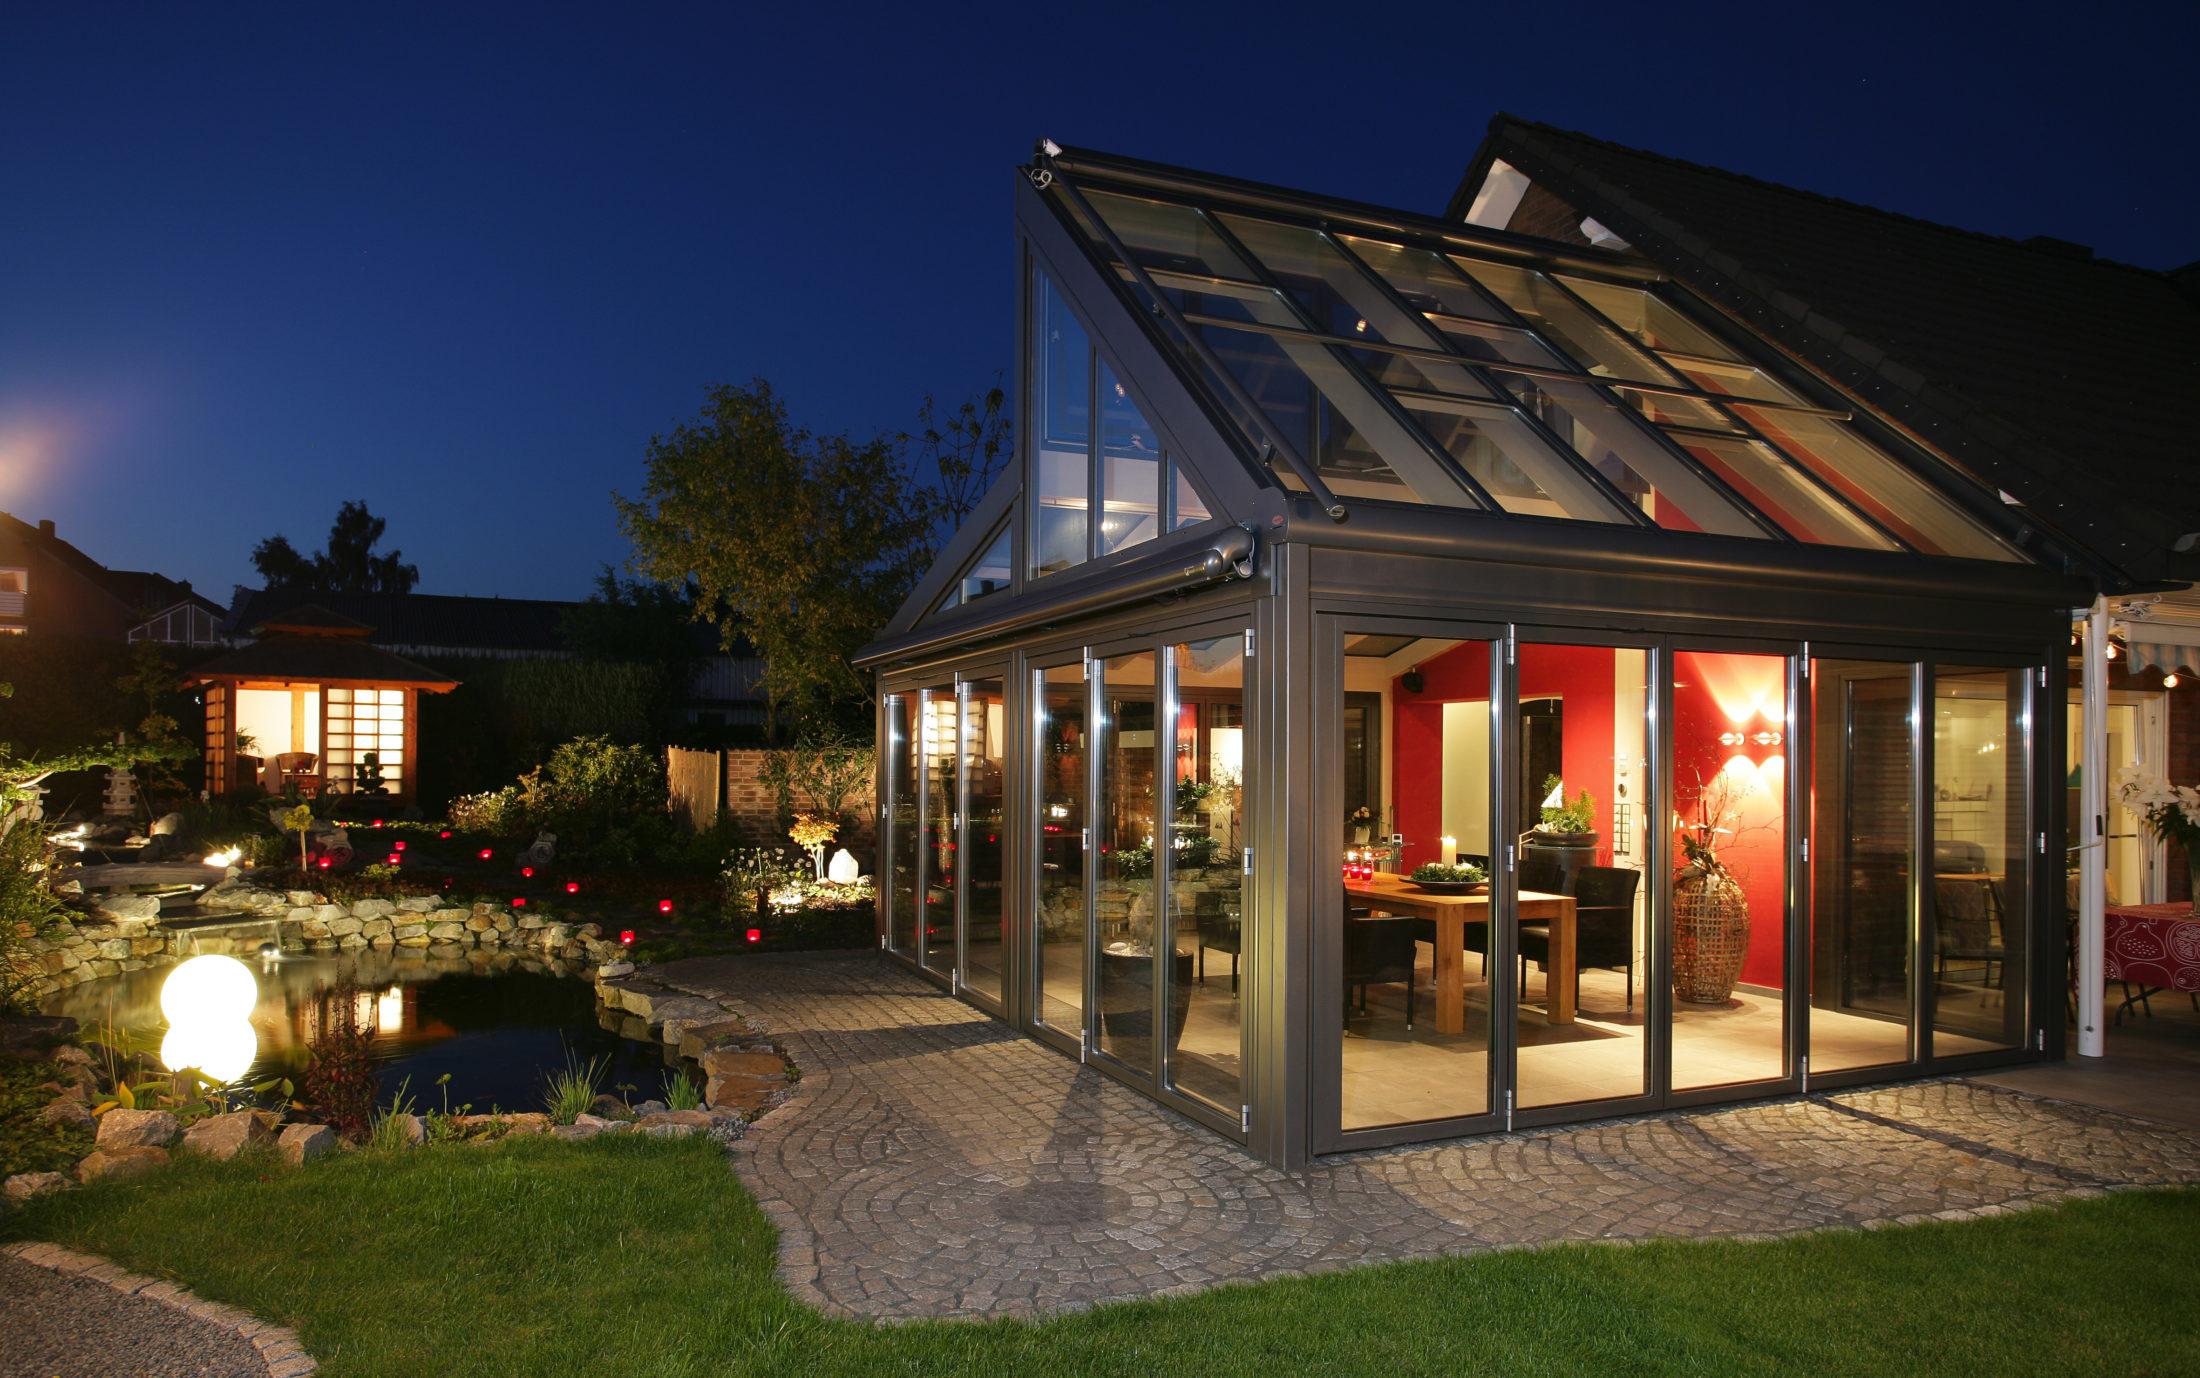 Avantgarde Glastilbygning fra Solarlux hos Lito Byg